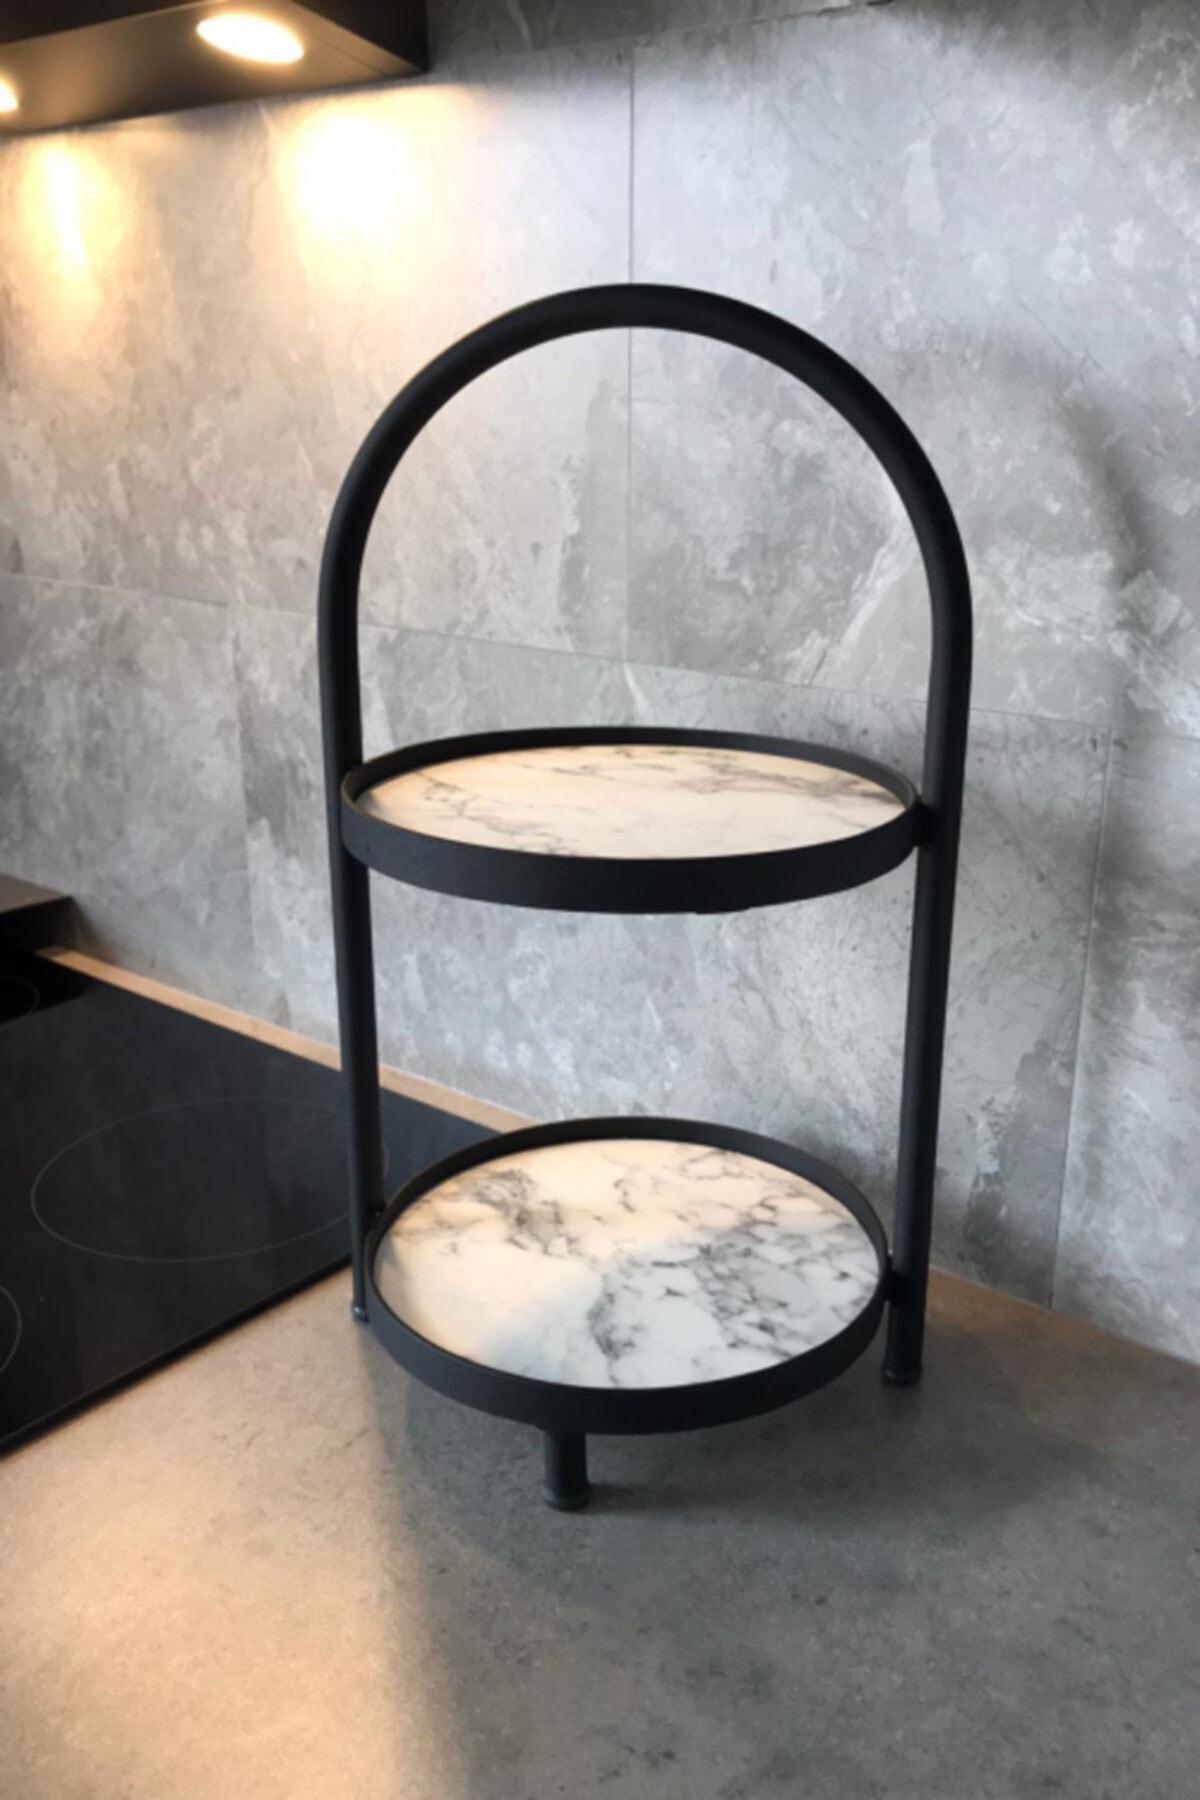 LİLLA HOME Iki Katlı Beyaz Mermer Desenli Mutfak Kozmetik Takı Banyo Düzenleyici 41 Cm 2